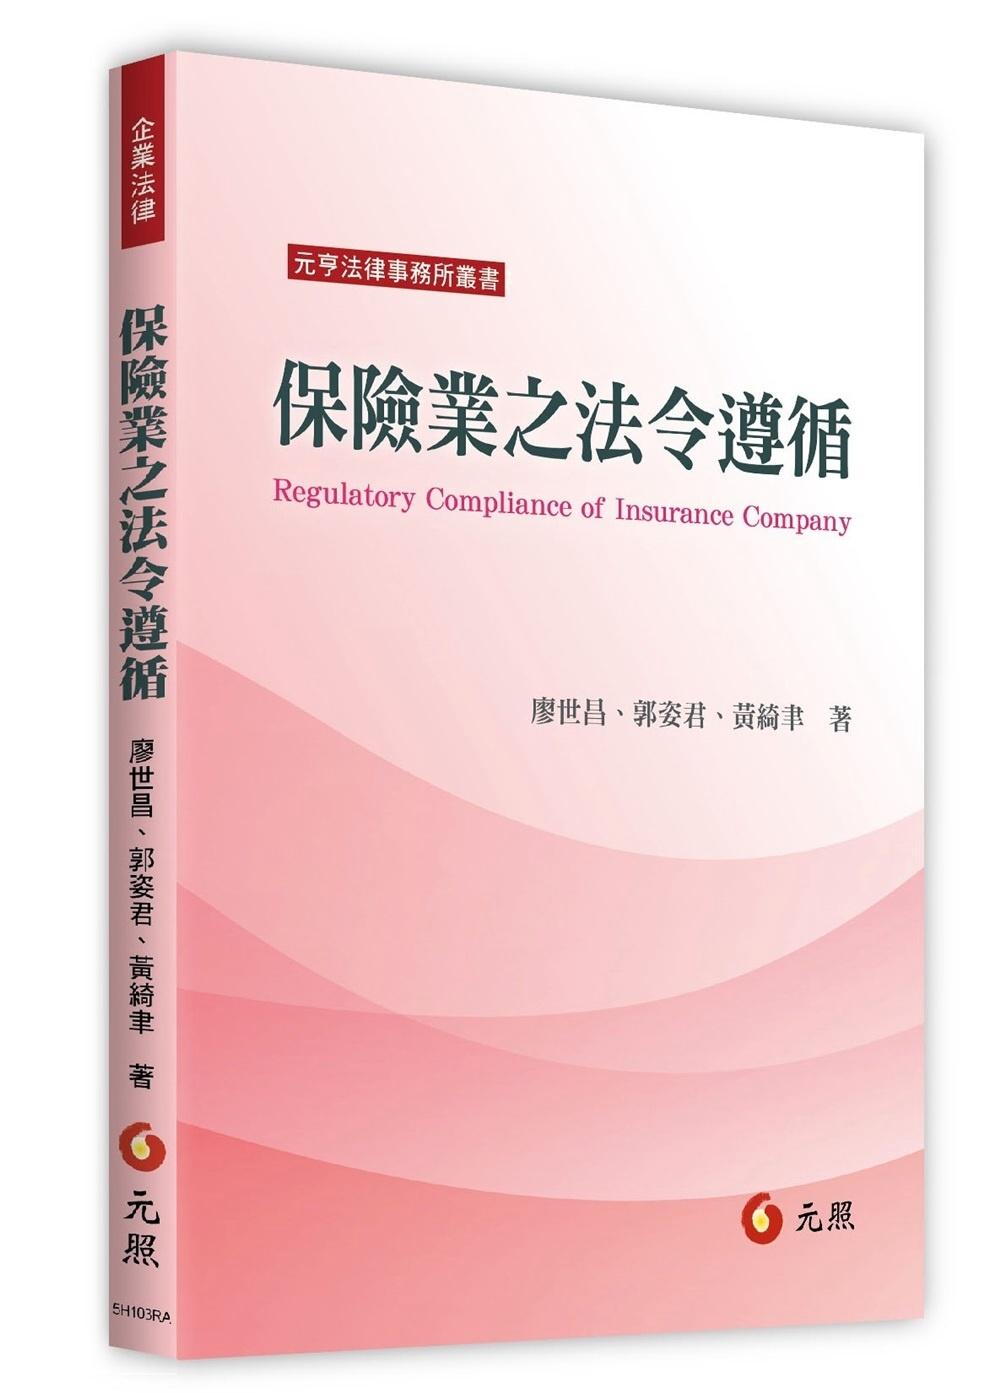 保險業之法令遵循